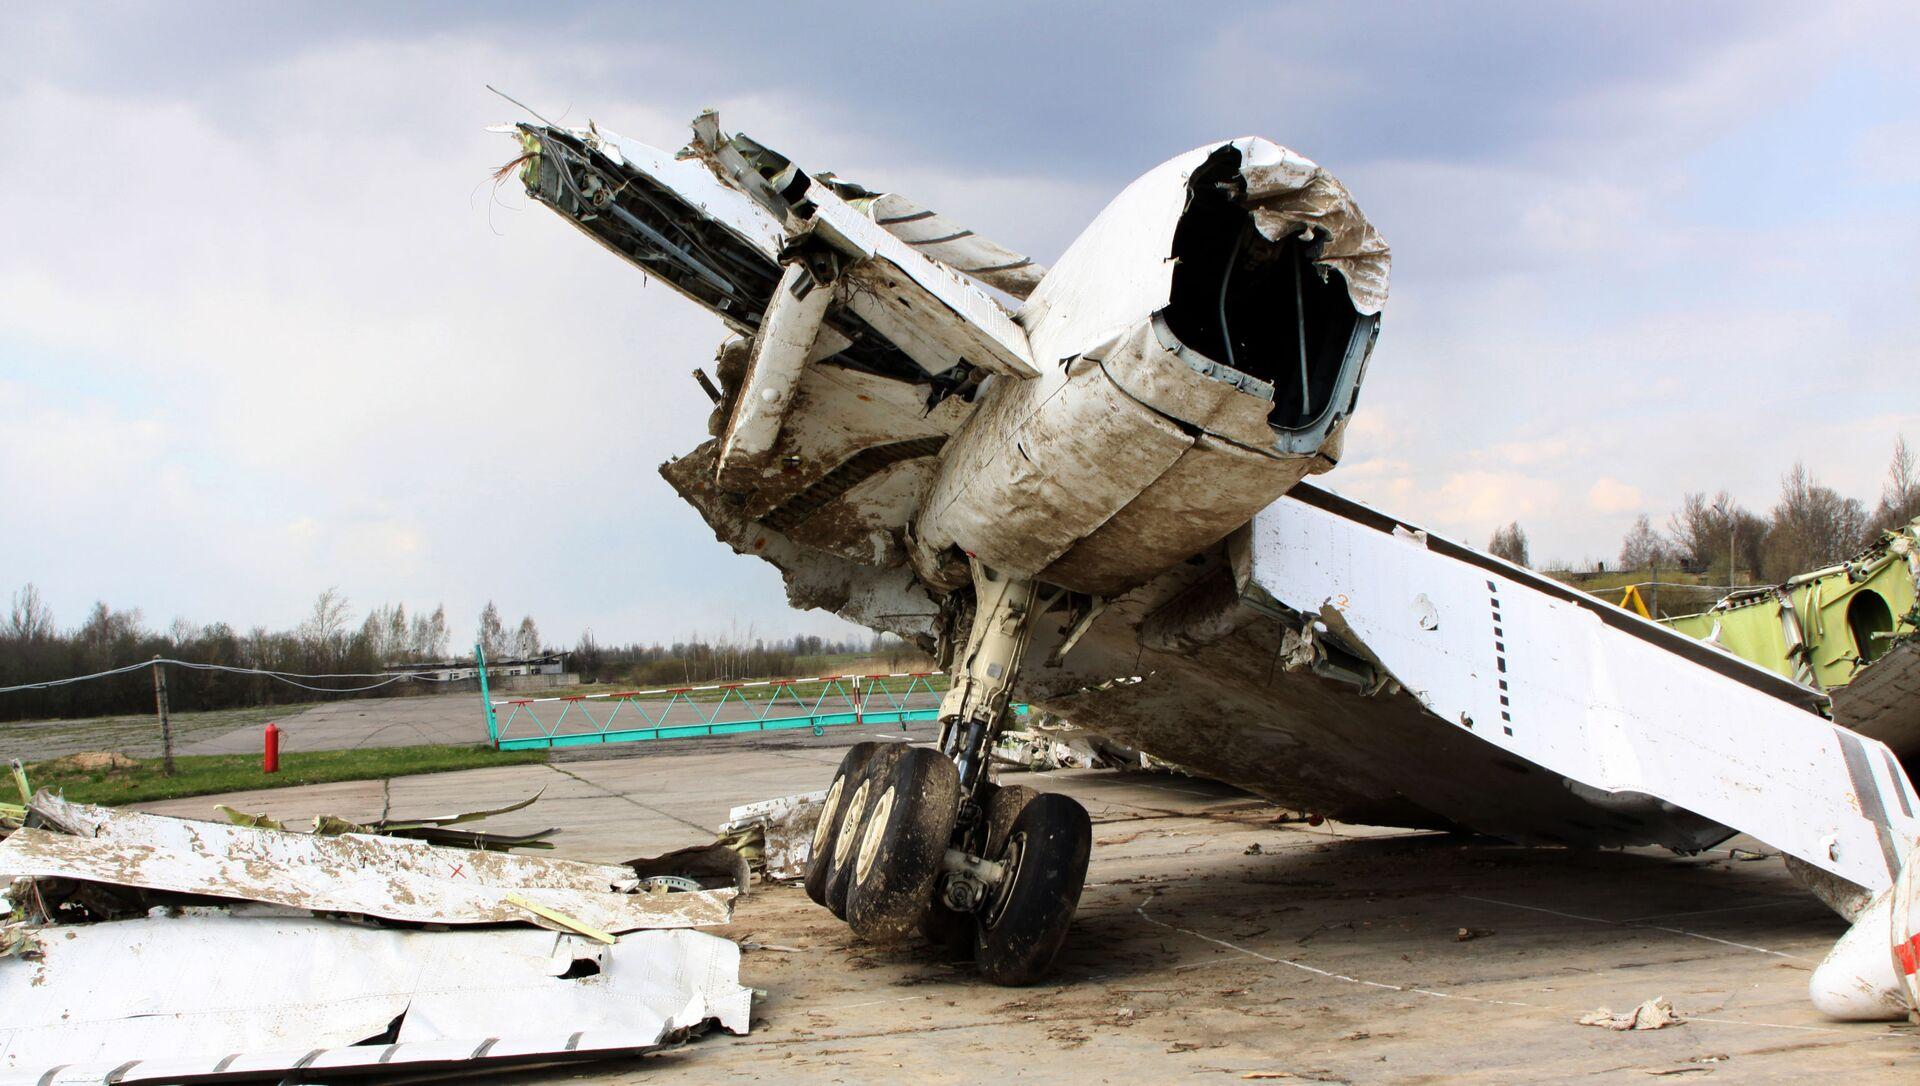 Wrak polskiego samolotu rządowego Tu-154 na chronionym terenie lotniska w Smoleńsku - Sputnik Polska, 1920, 16.04.2021